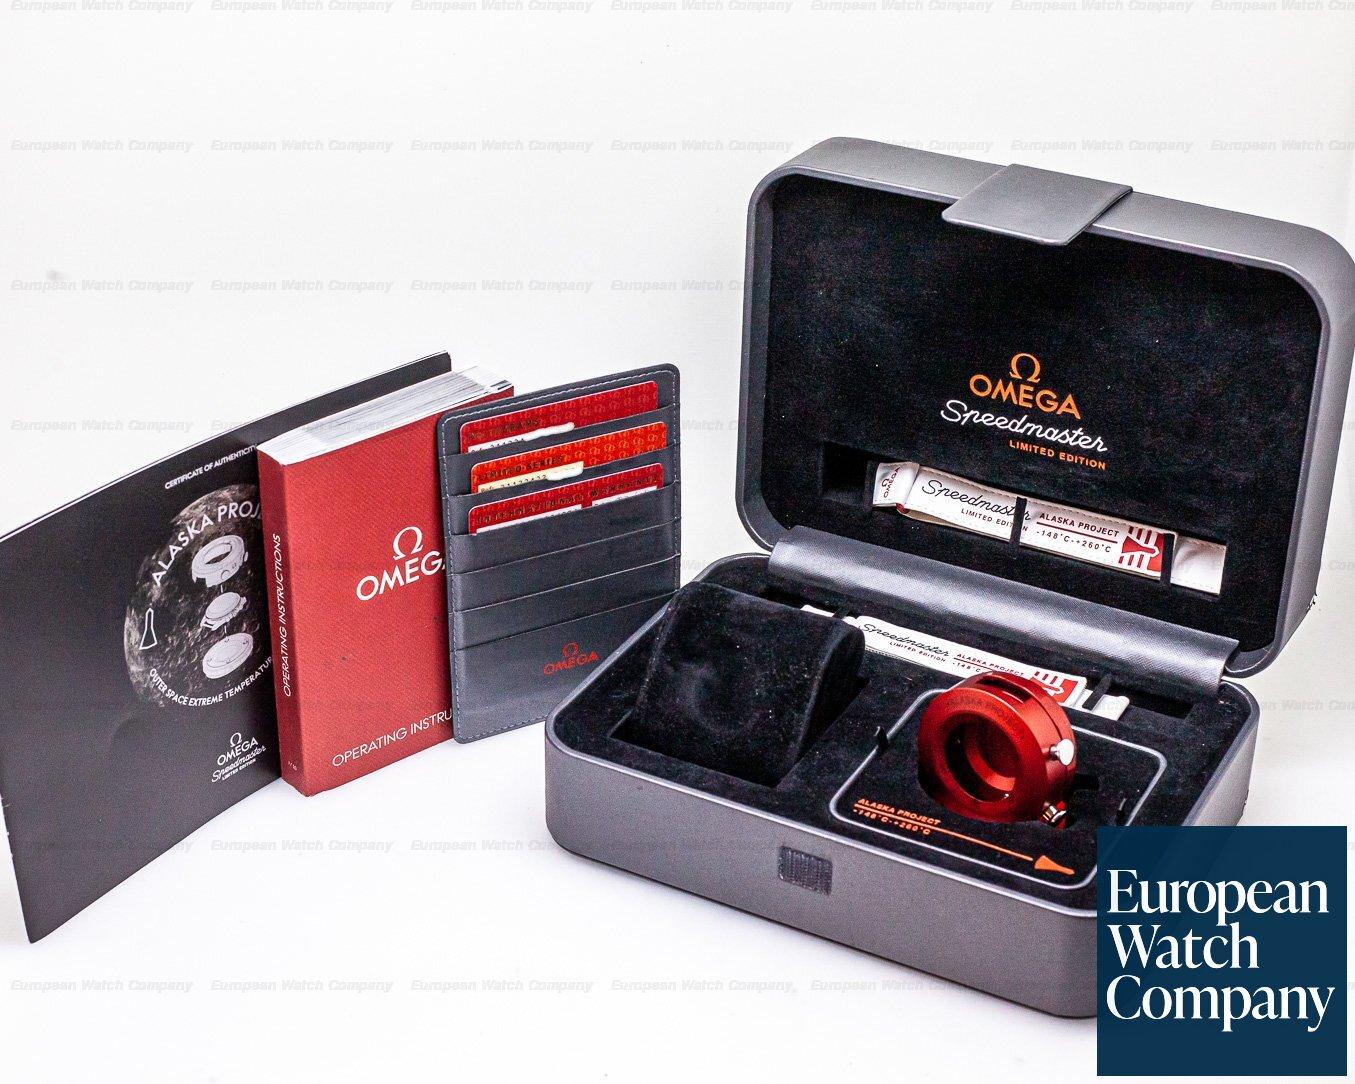 Omega 311.32.42.30.04.001 Speedmaster Professional Alaska Project SS